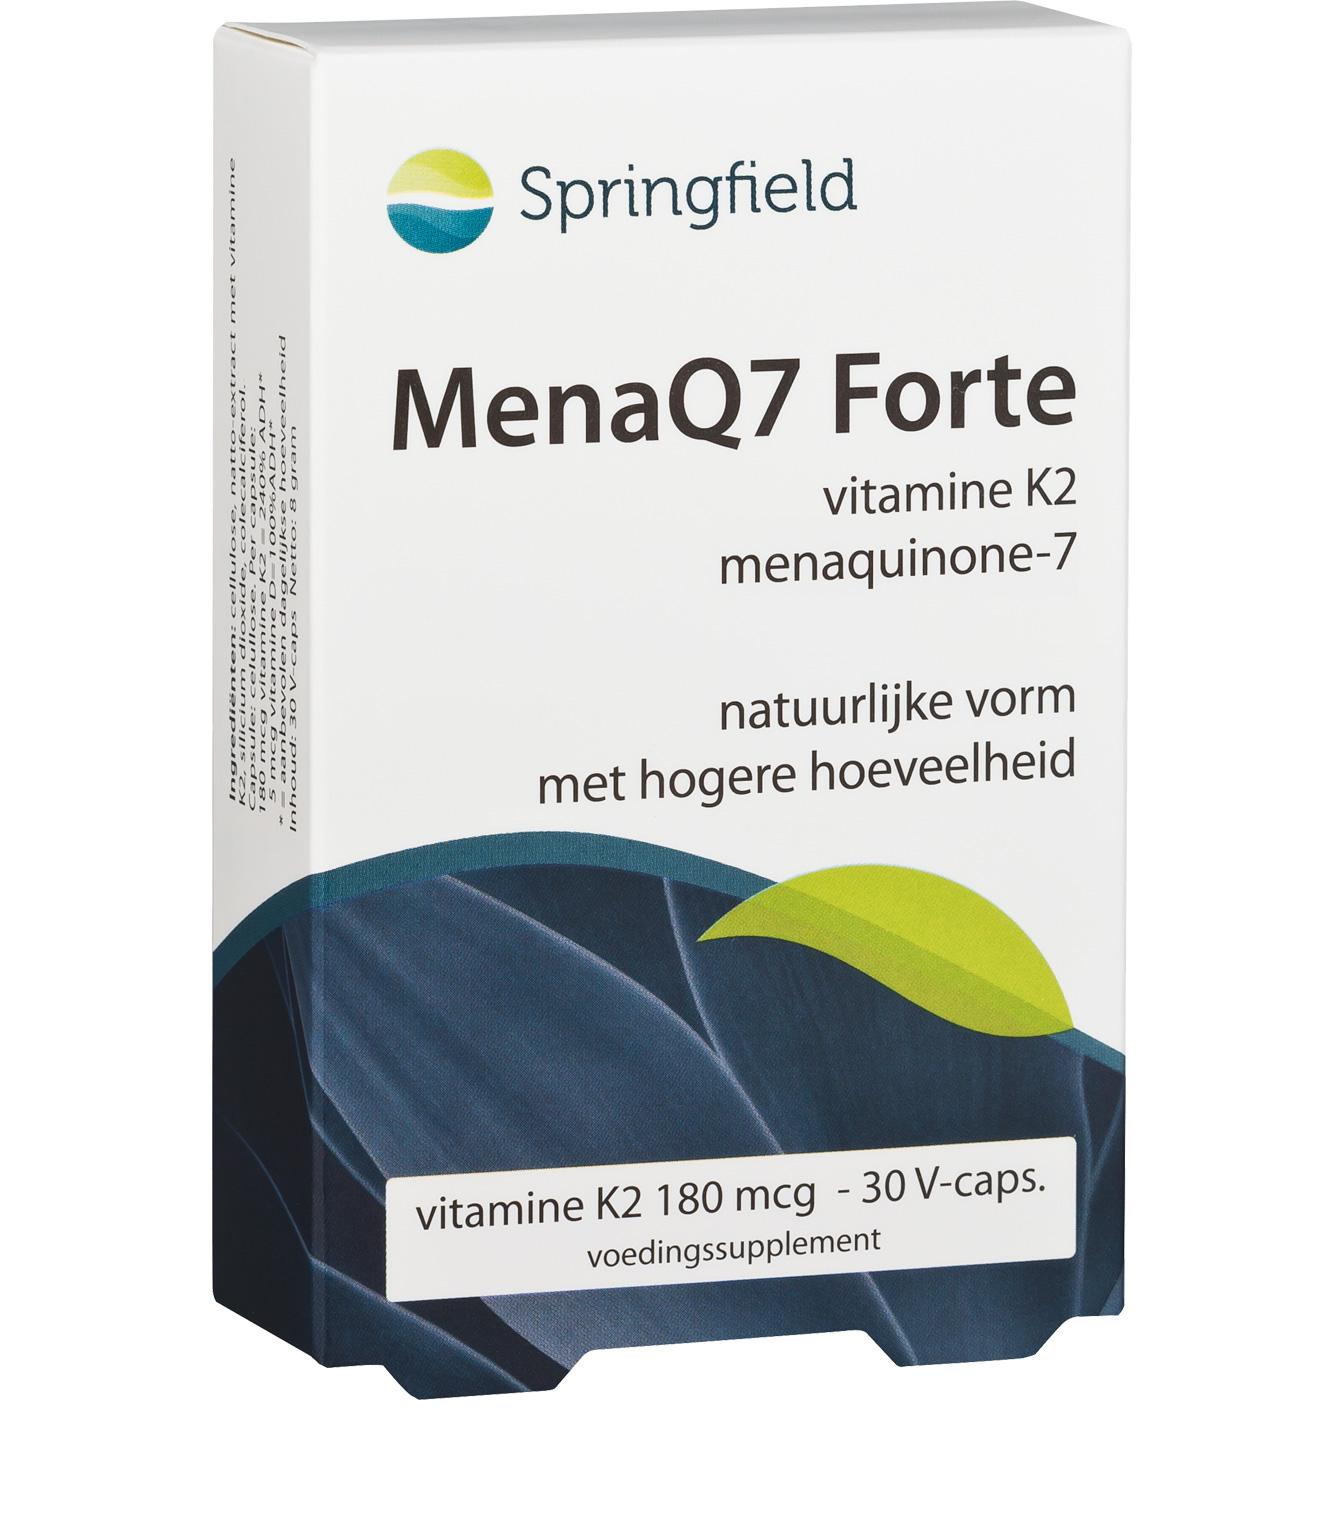 MenaQ7 Forte vitamine K2 menaquinone-7